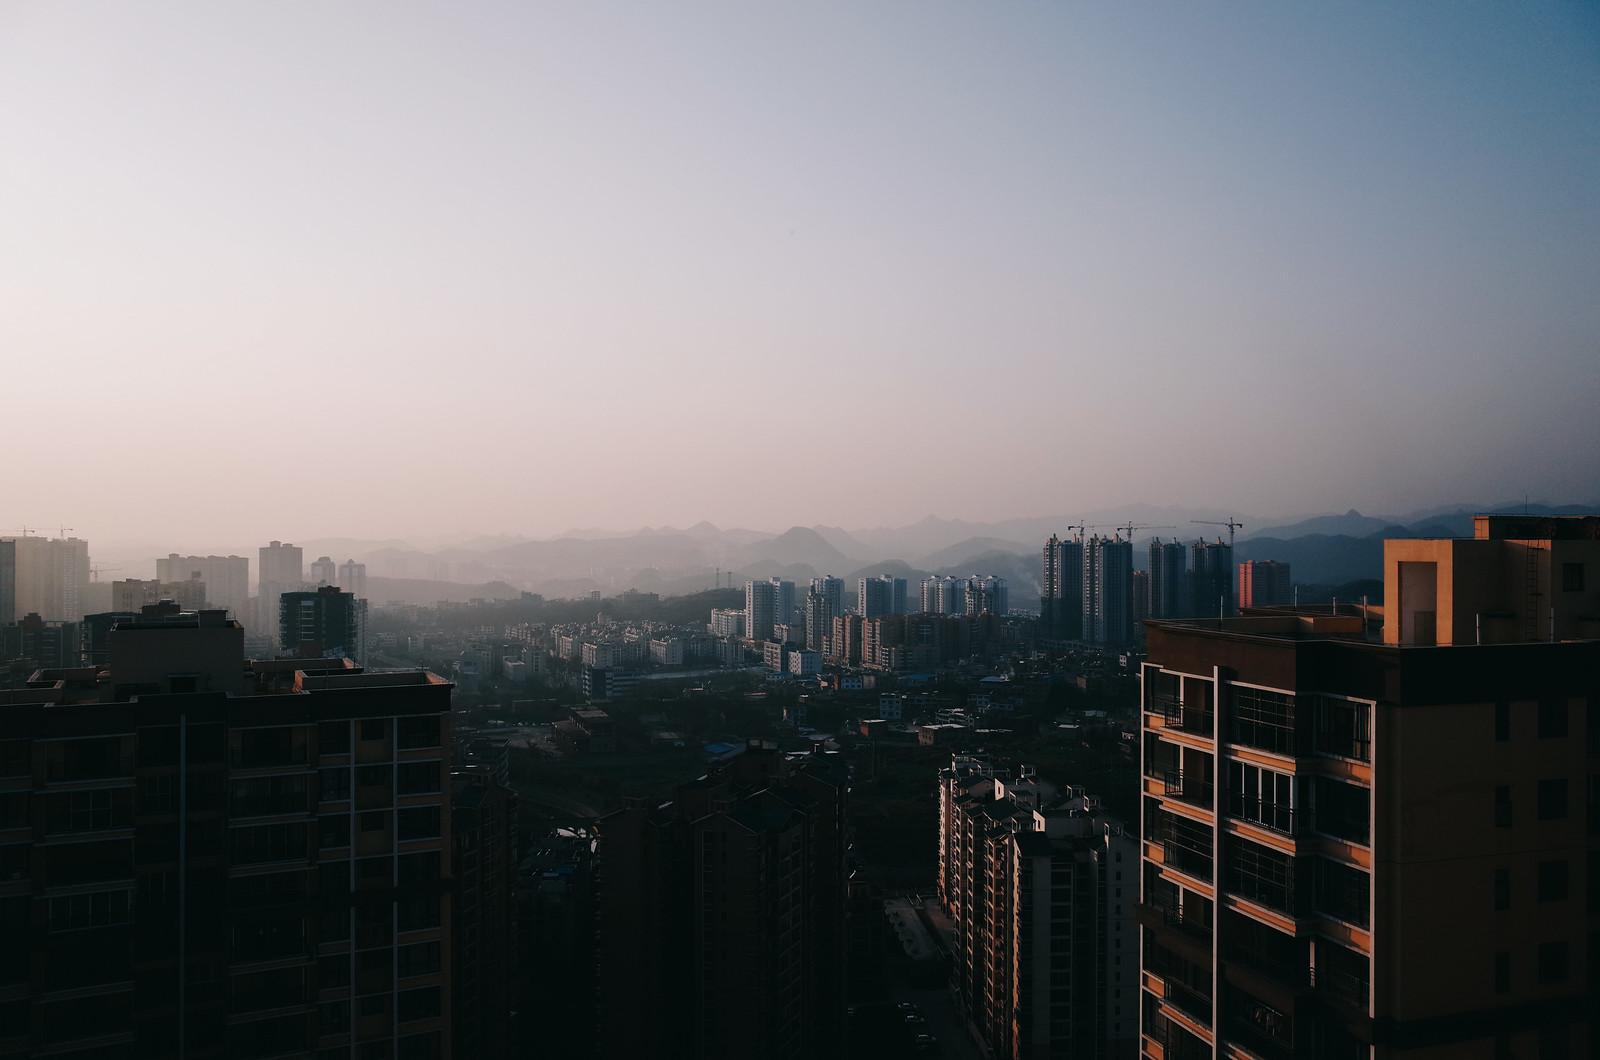 Qingzhen, Guizhou province